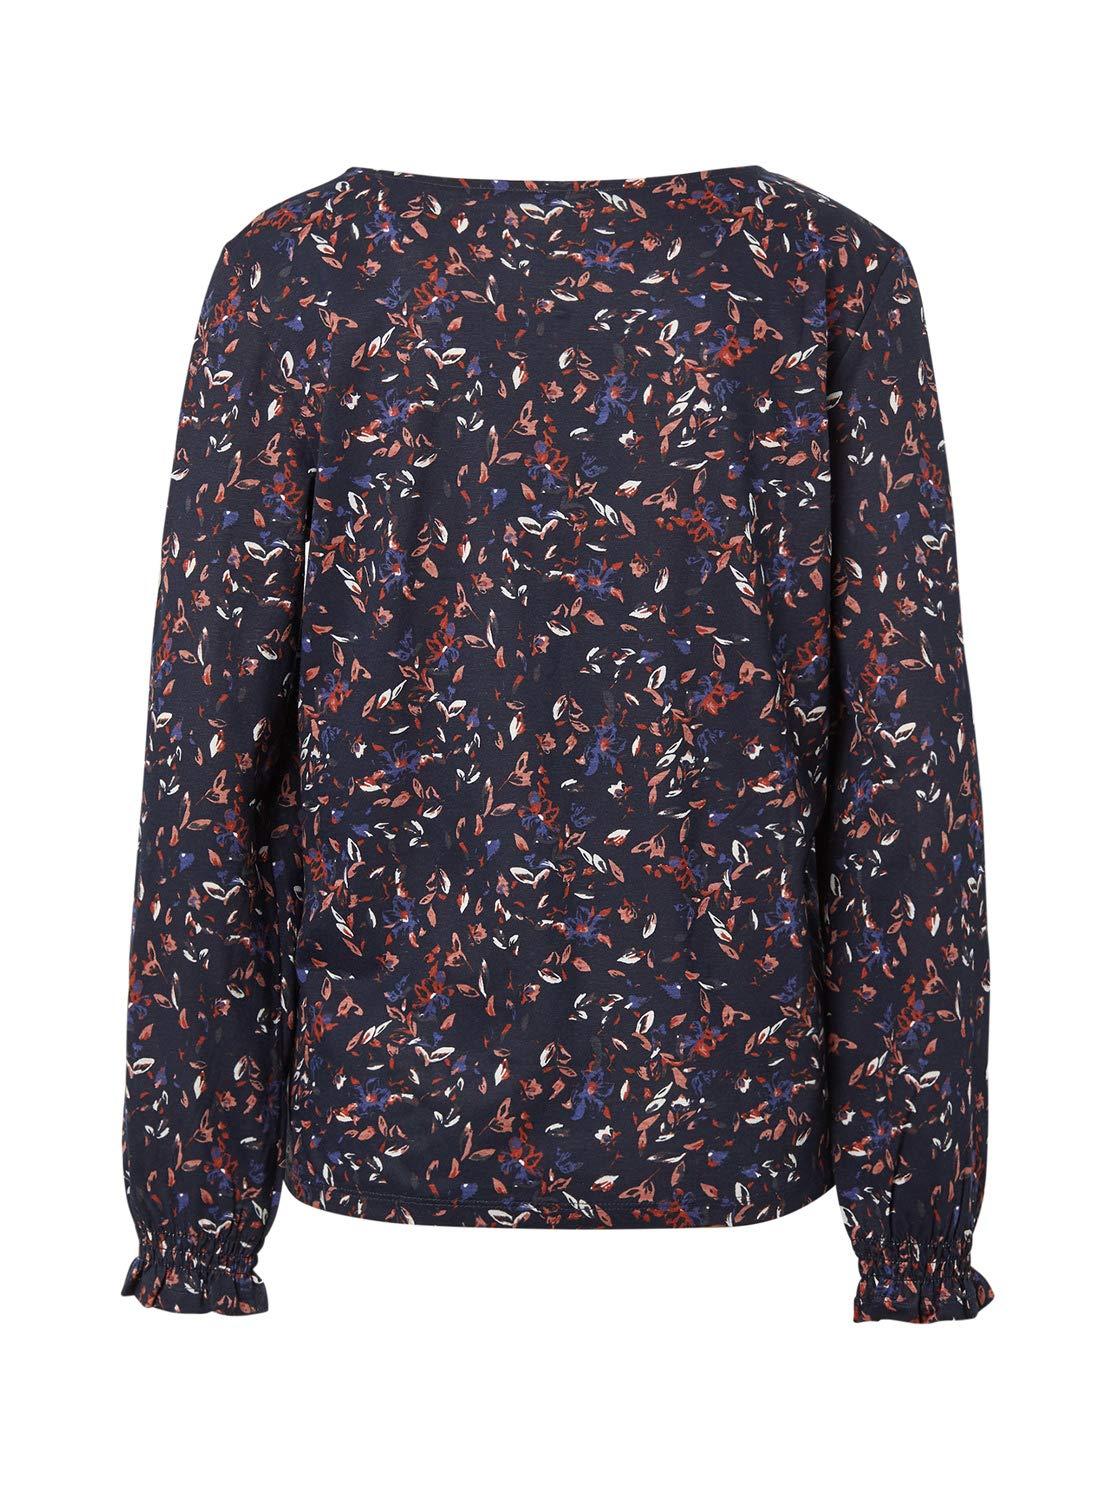 Tom Tailor Shirts in blau günstig kaufen